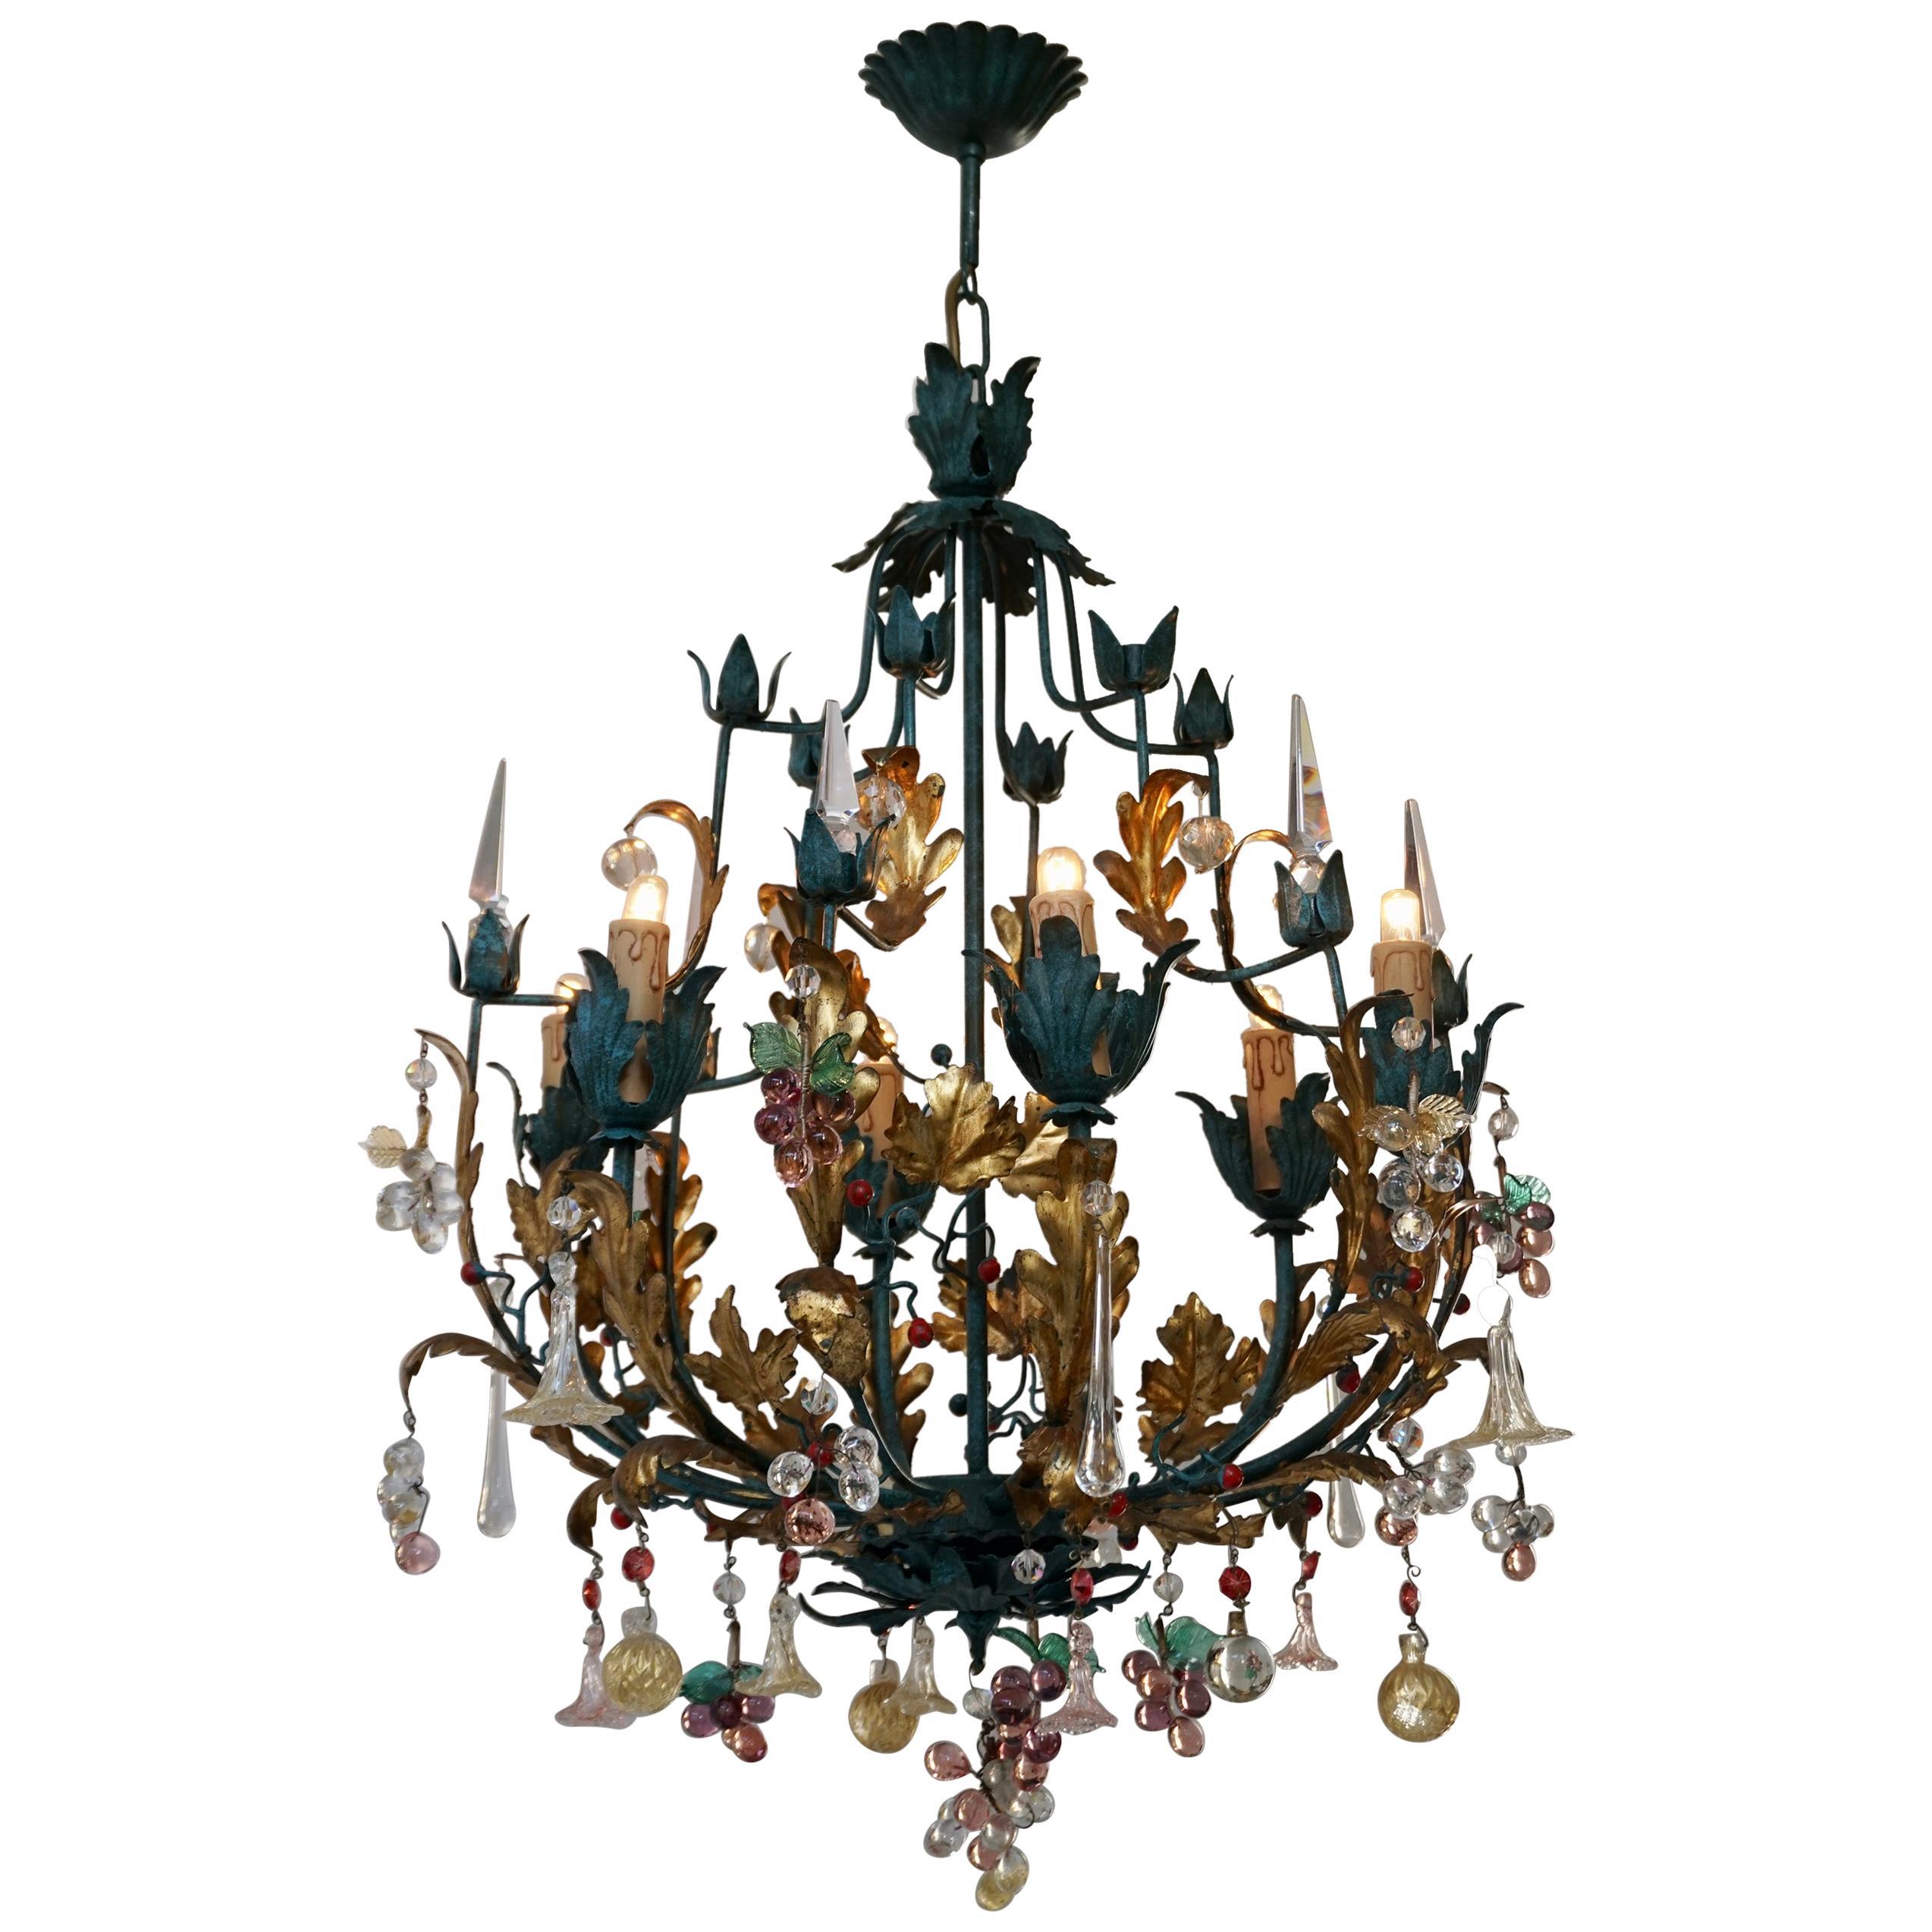 Murano Glass 'Fruit' Chandelier Pendant Light, Glass Gilt Metal, 1950s